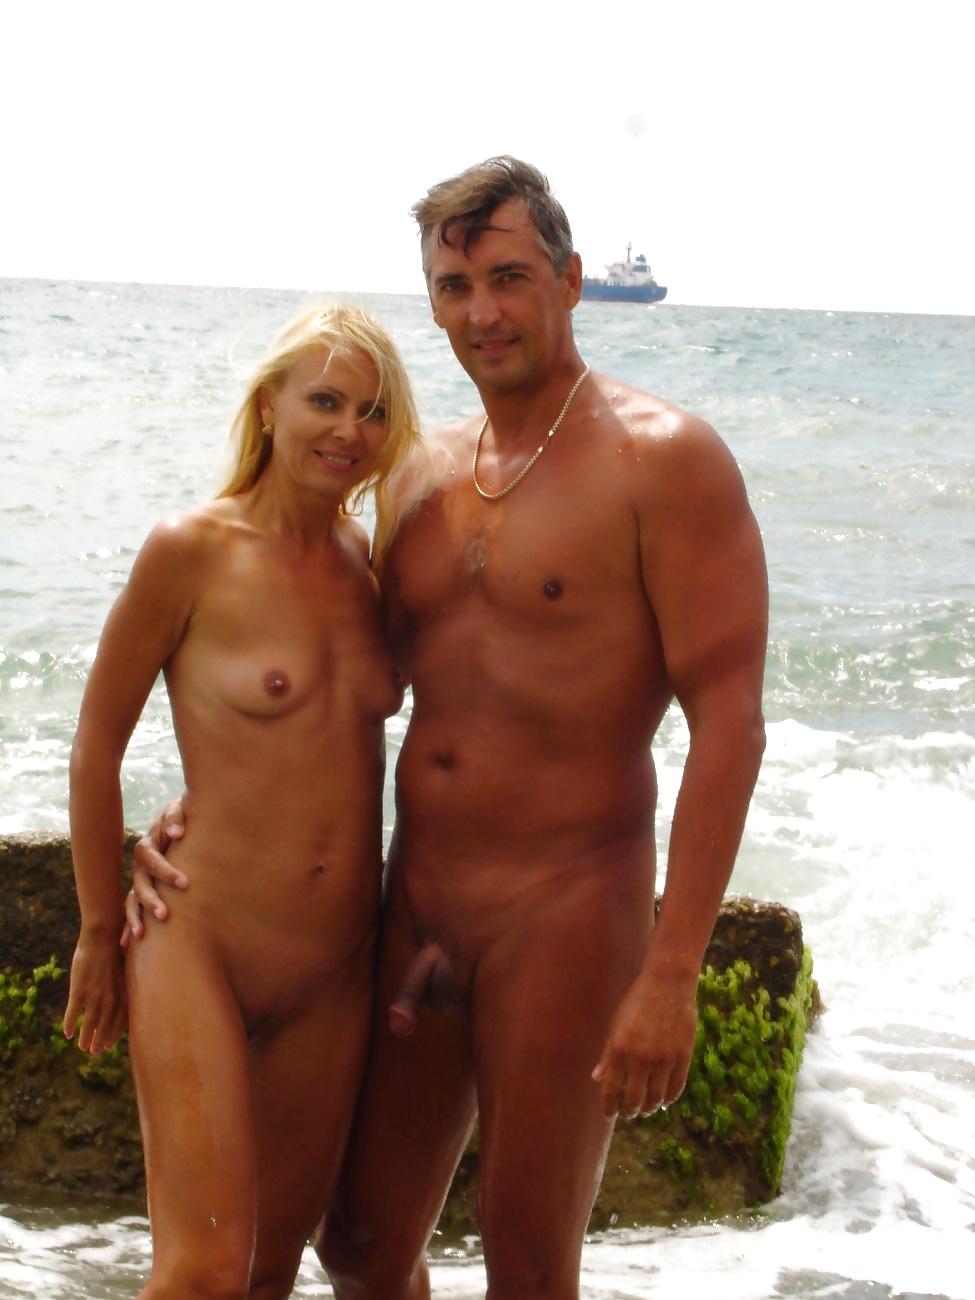 мешают достаточно жена и муж на курорте голые частное фото разу